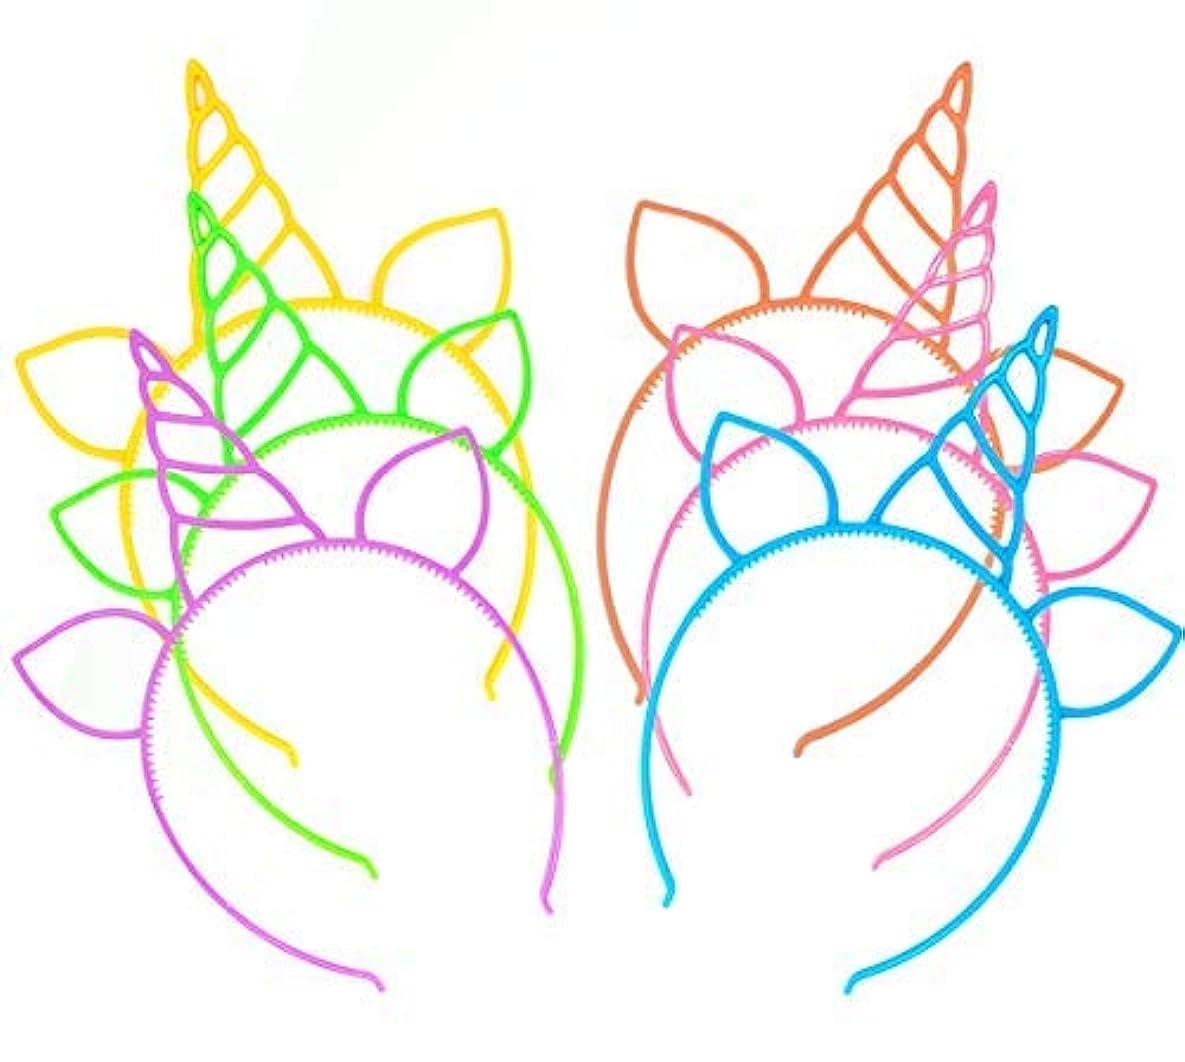 クッション気怠い重荷12 Pcs Unicorn Headbands Theme Birthday Party Favor Supplies Gift Costume [並行輸入品]